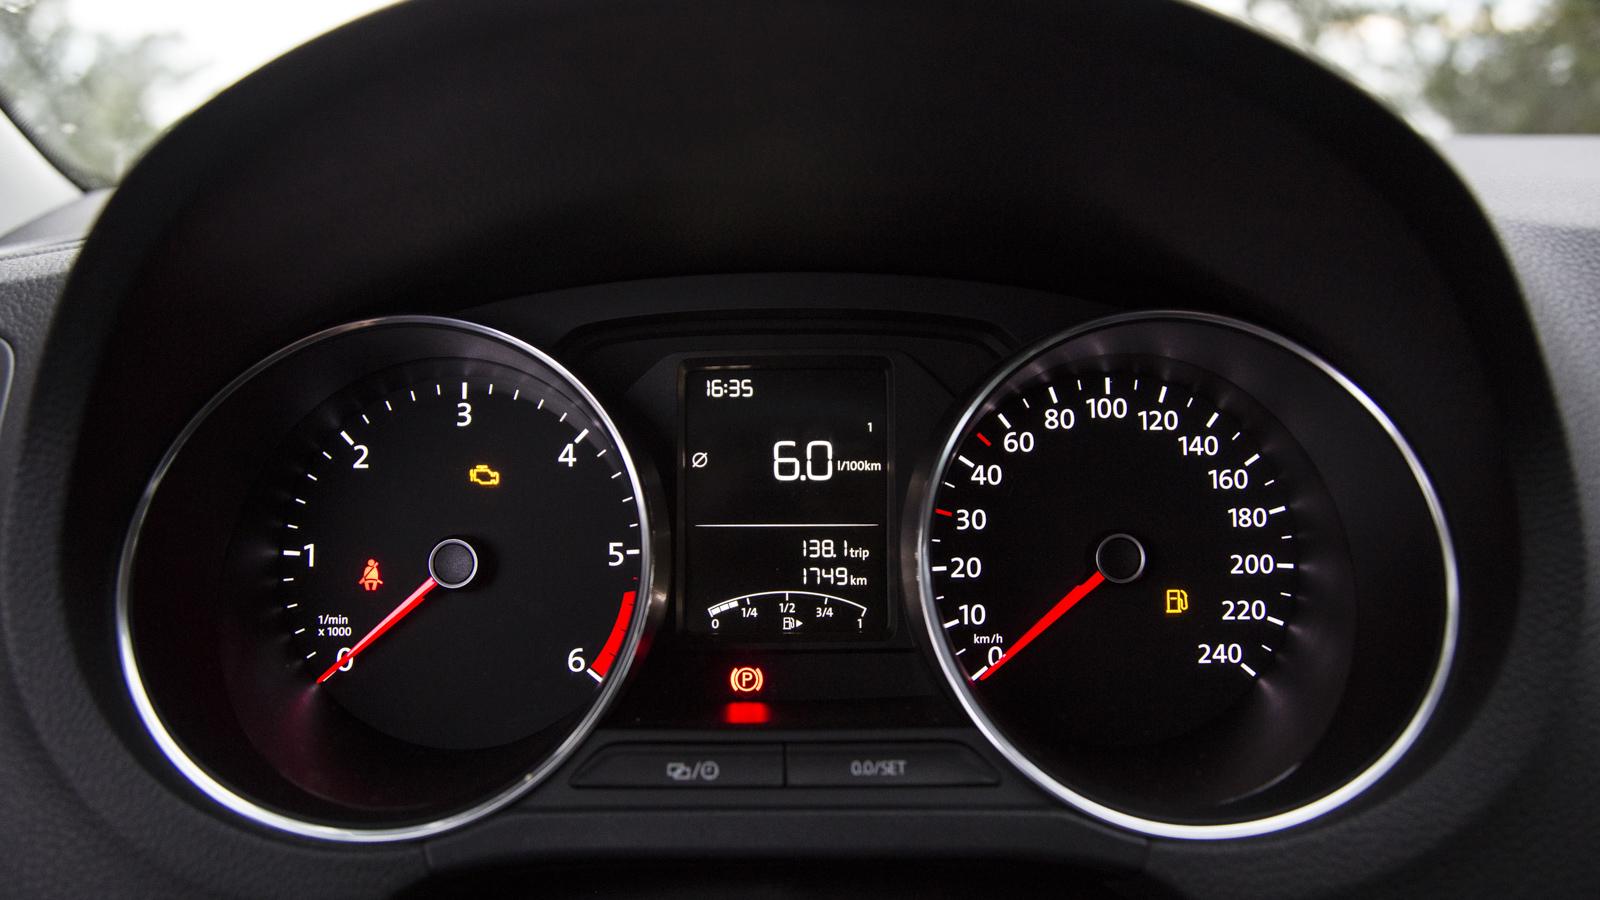 Test_Drive_VW_Polo_1.4_TDI_105_36